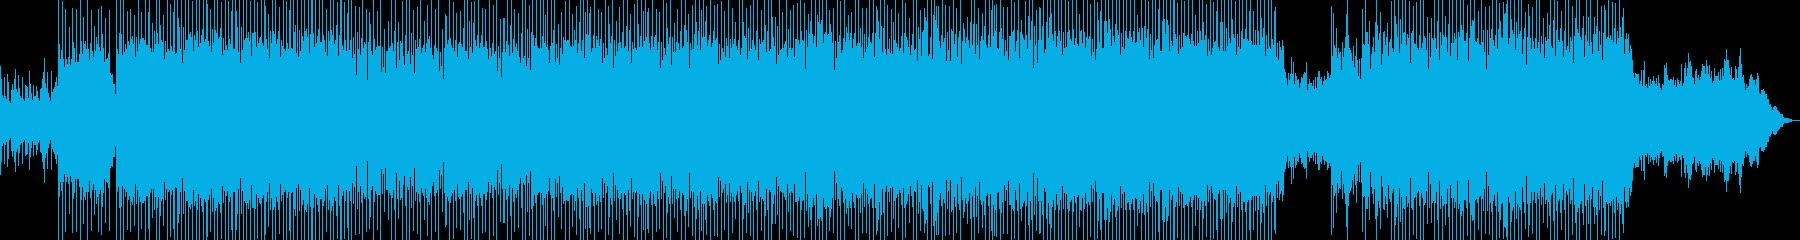 ピアノオルガンのキラキラ楽しいオーケストの再生済みの波形